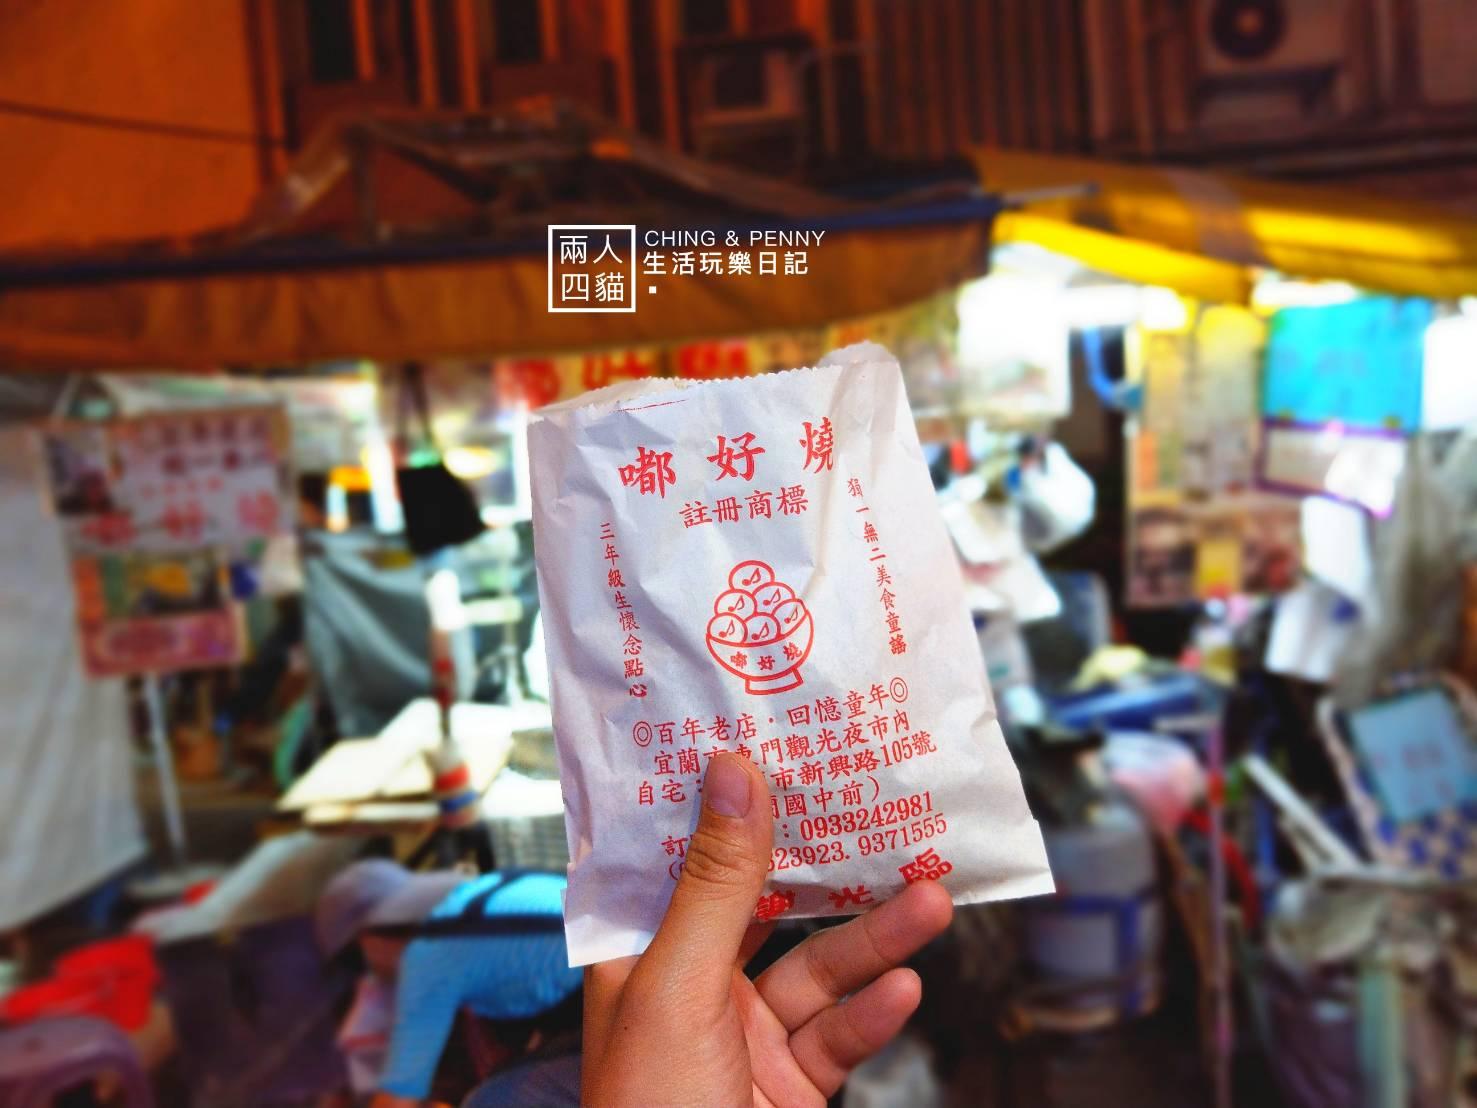 【宜蘭 美食】充滿特色小吃『東門夜市』初體驗!嘟好燒/龍鳳腿/搖搖冰